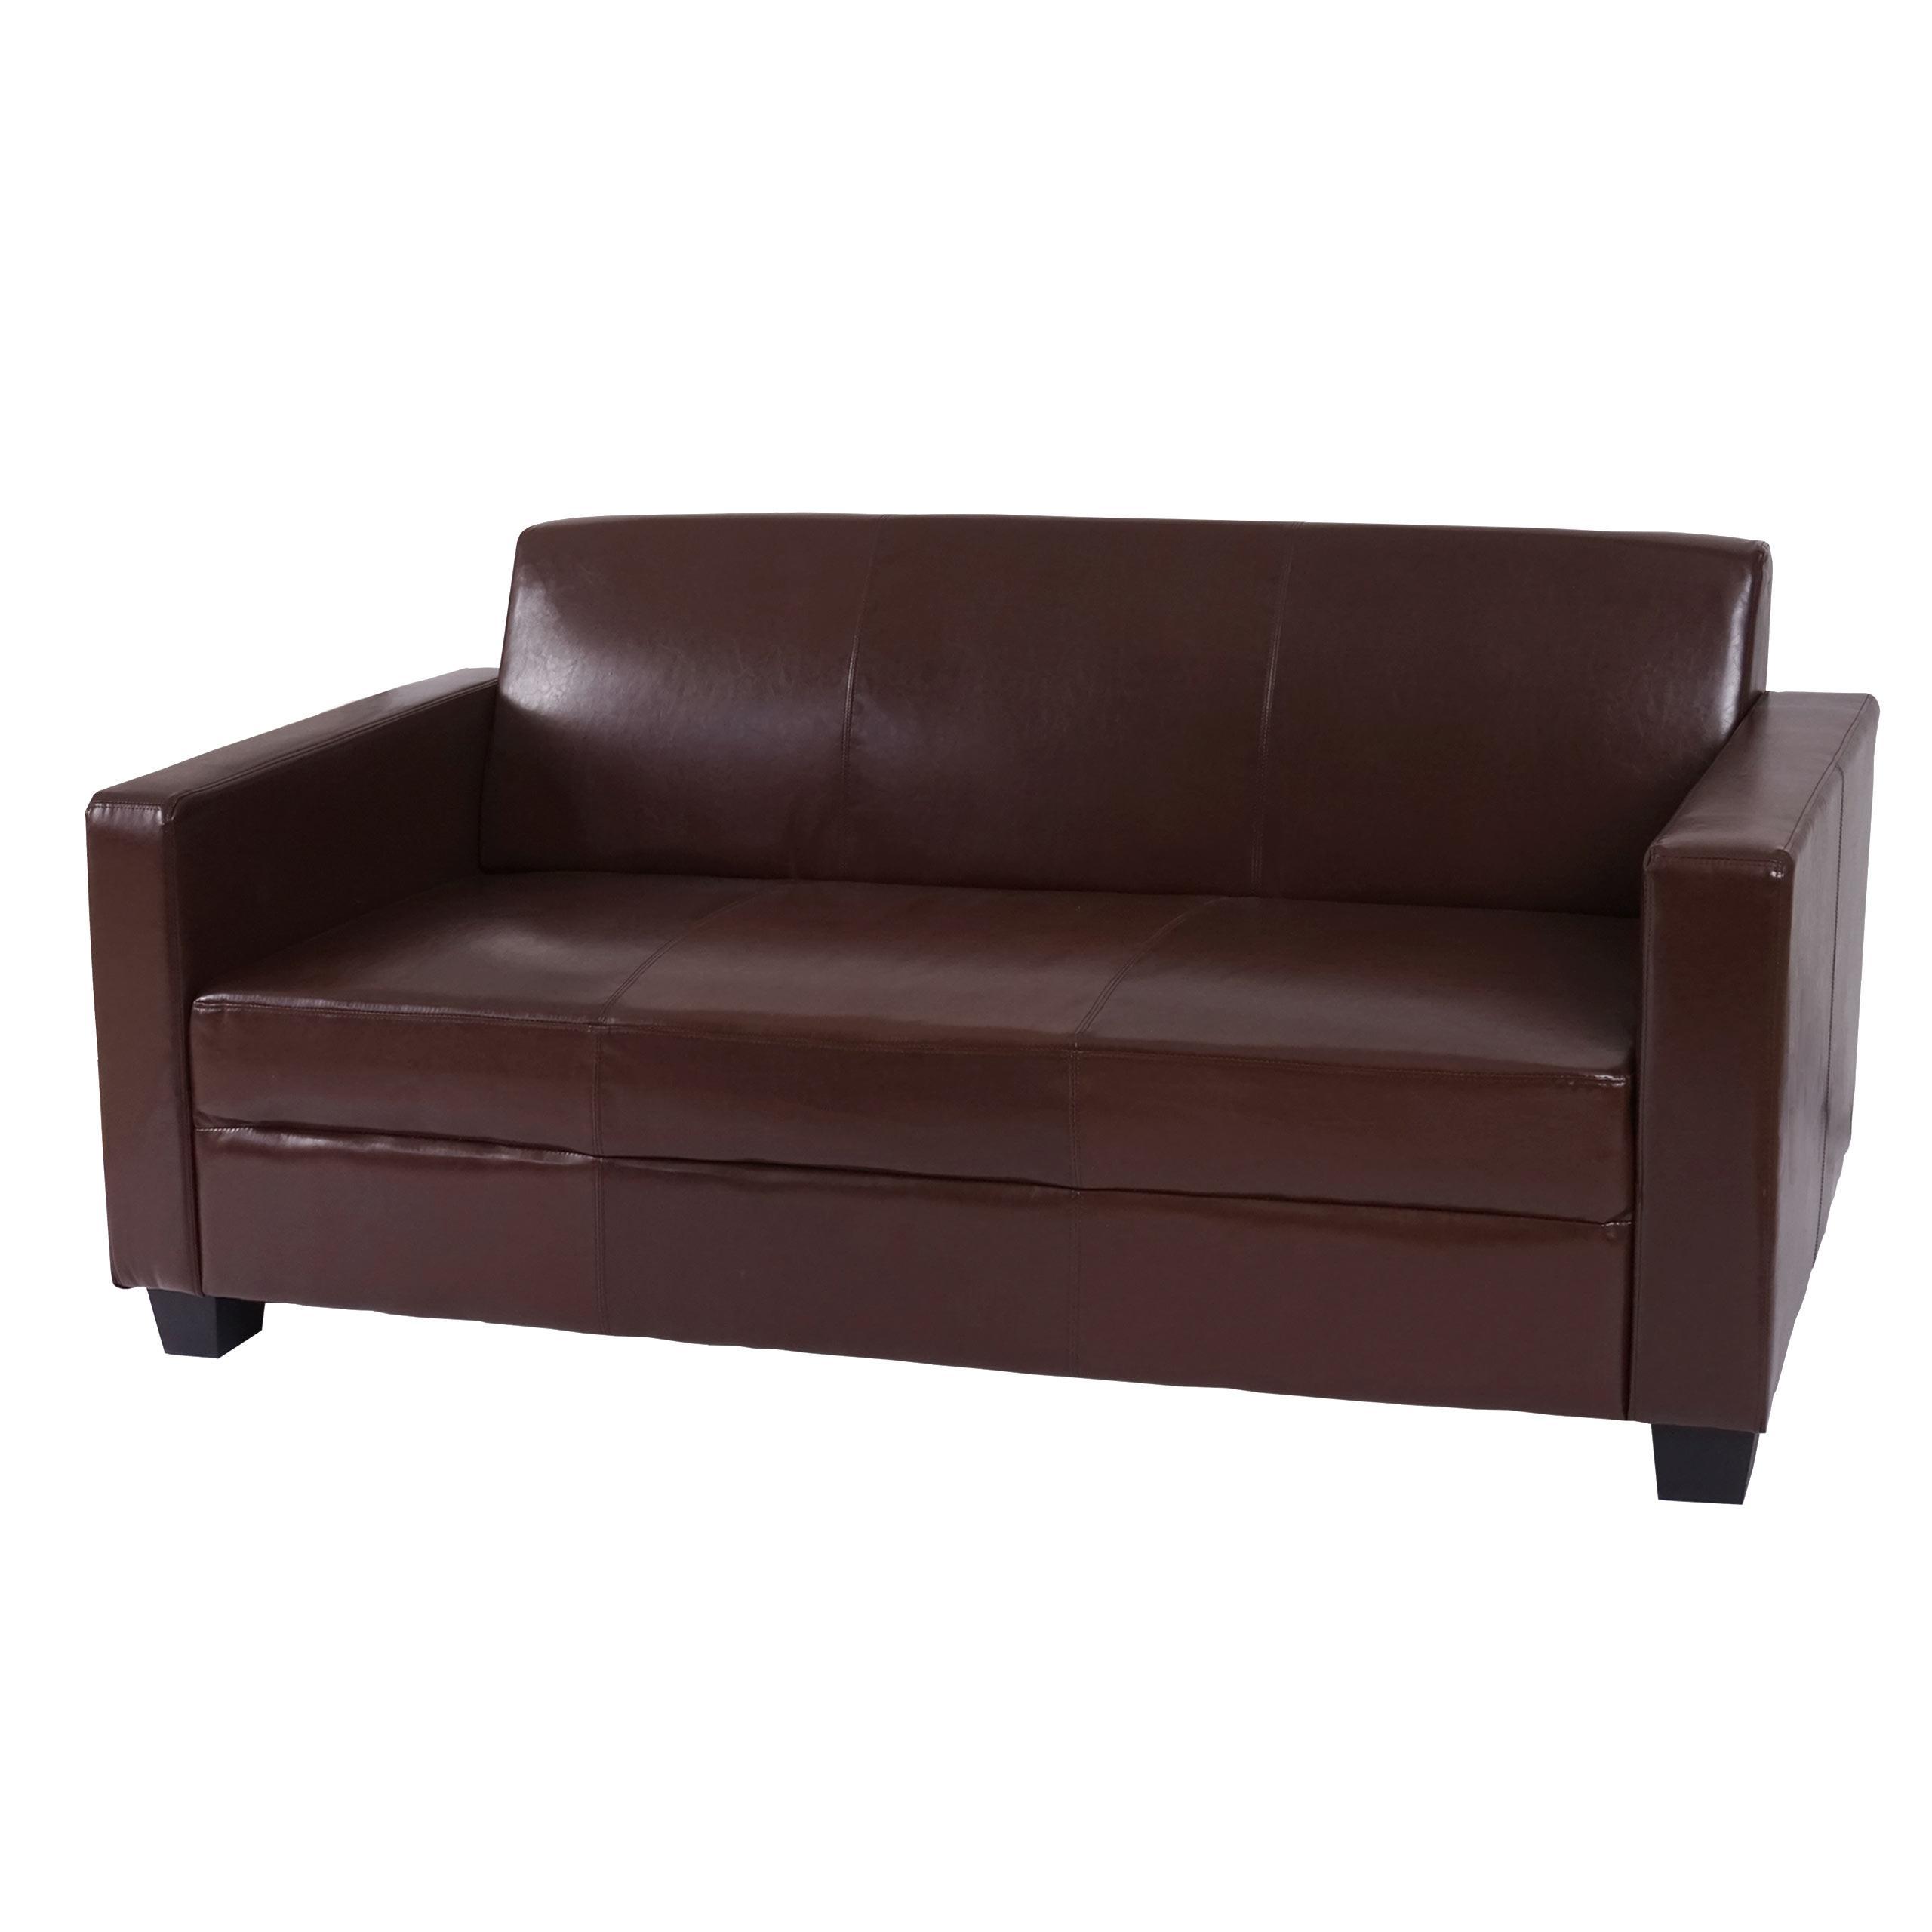 Sof 3 plazas couch gran dise o y muy c modo en piel for Sofa gran confort precios